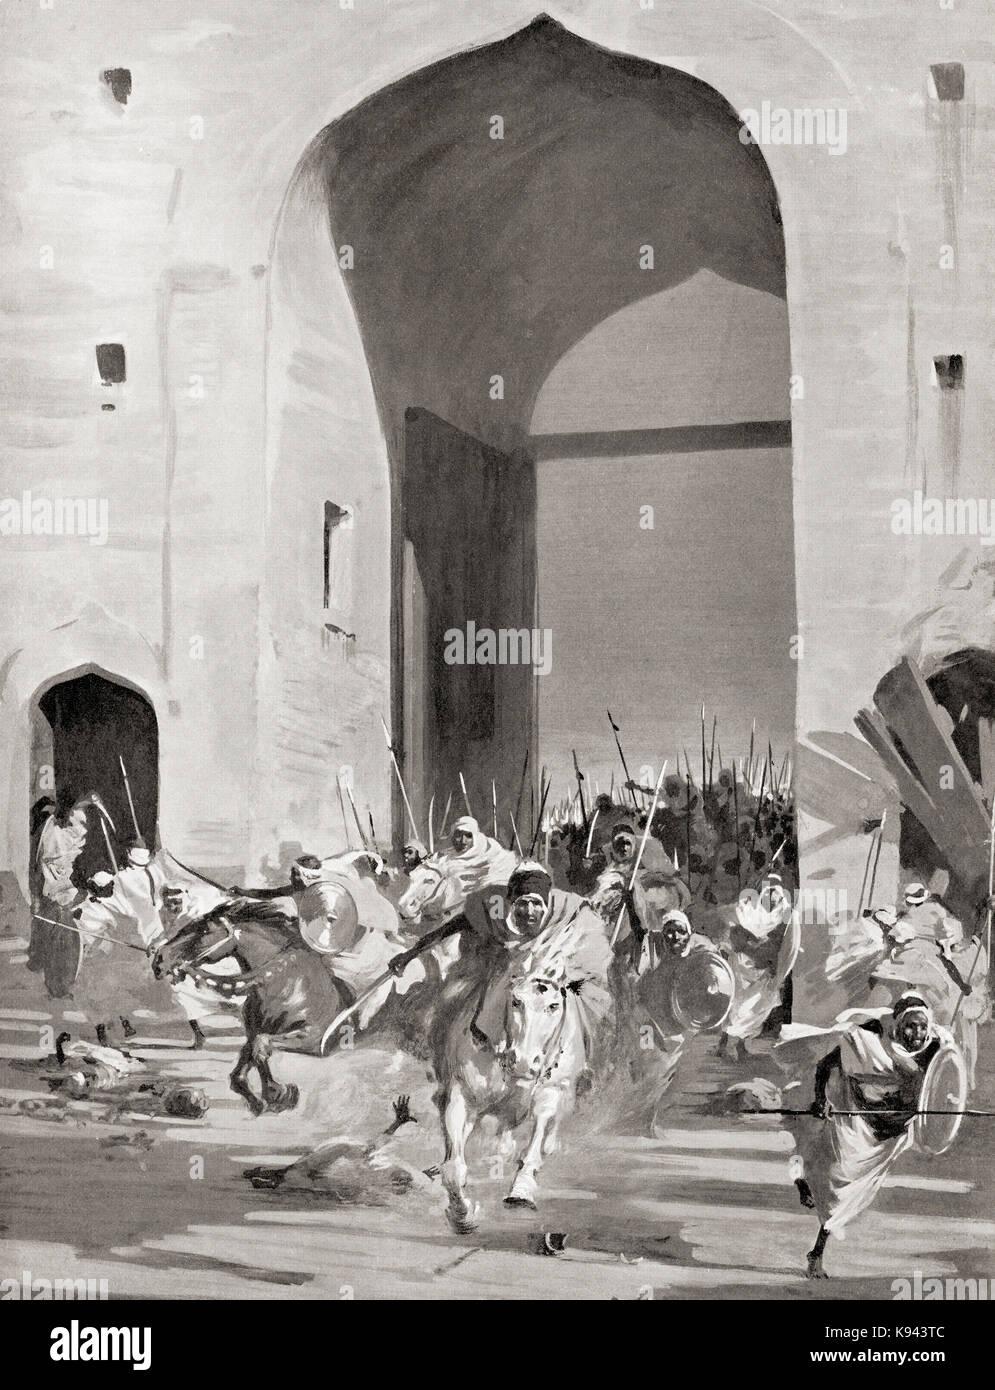 La conquista araba della città fortificata di Laodicea, aka laodicea in Siria o laodicea annuncio mare, nel Immagini Stock